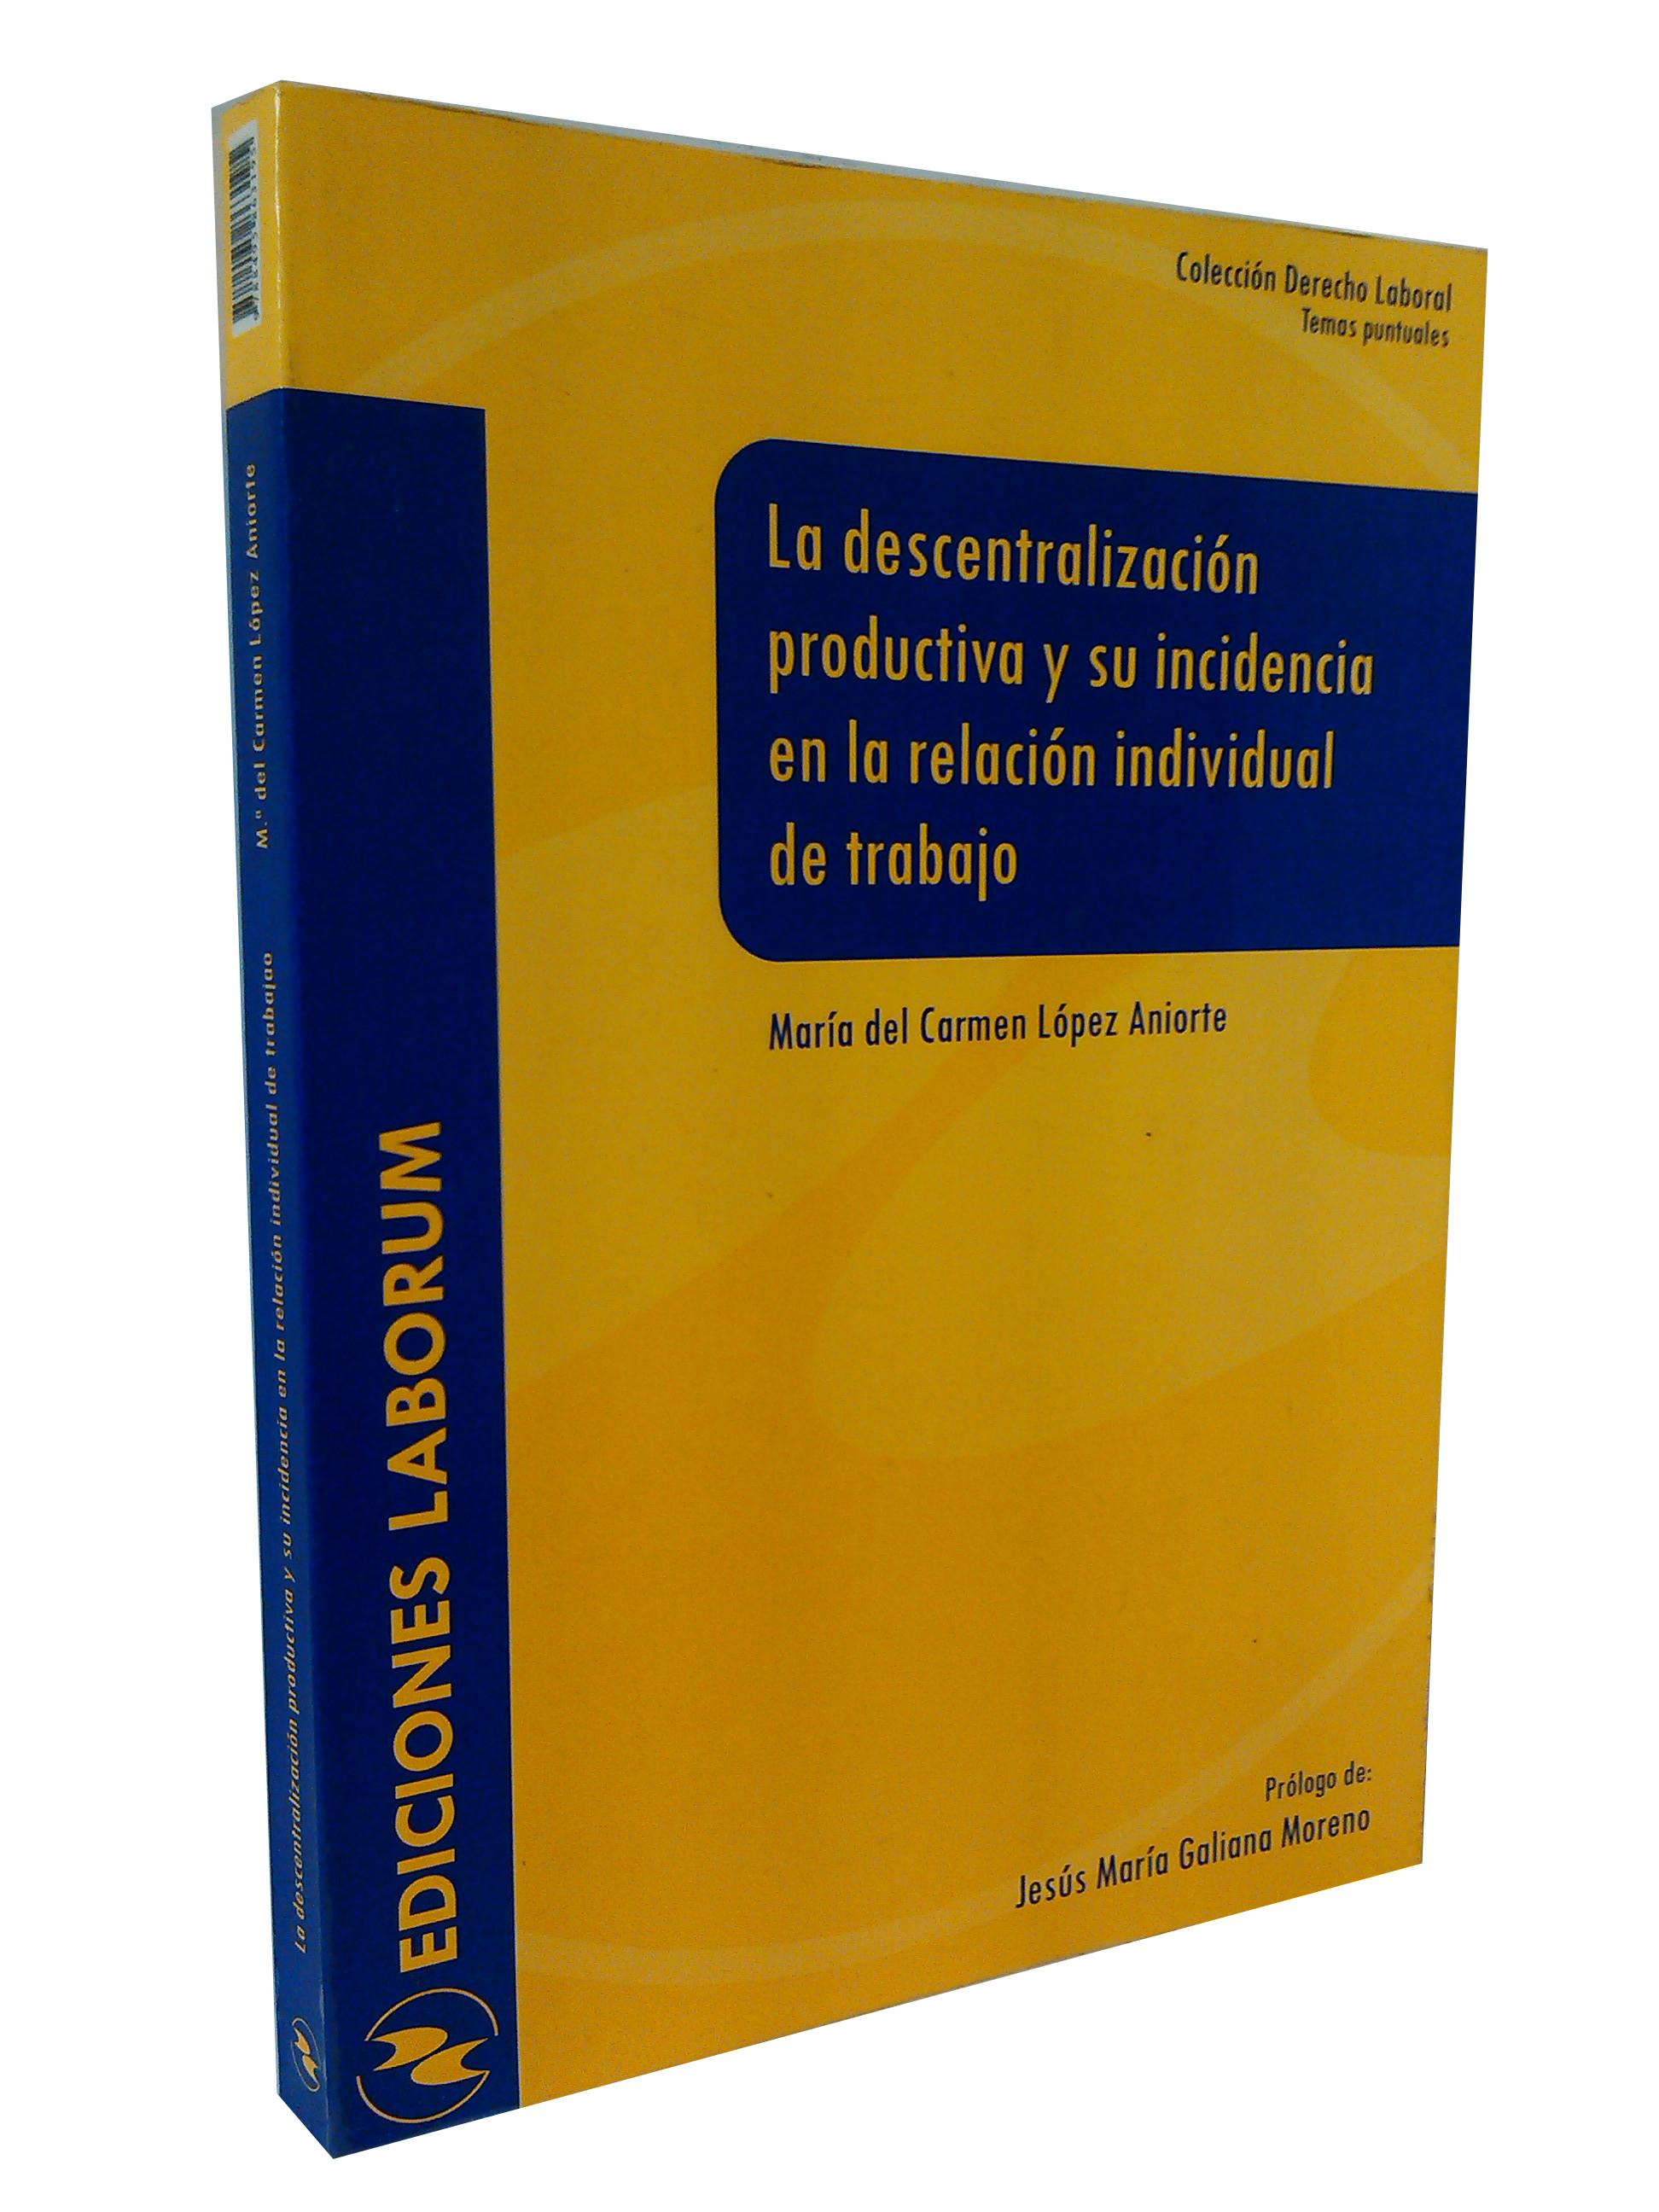 La descentralización productiva y su incidencia en la relación individual de trabajo